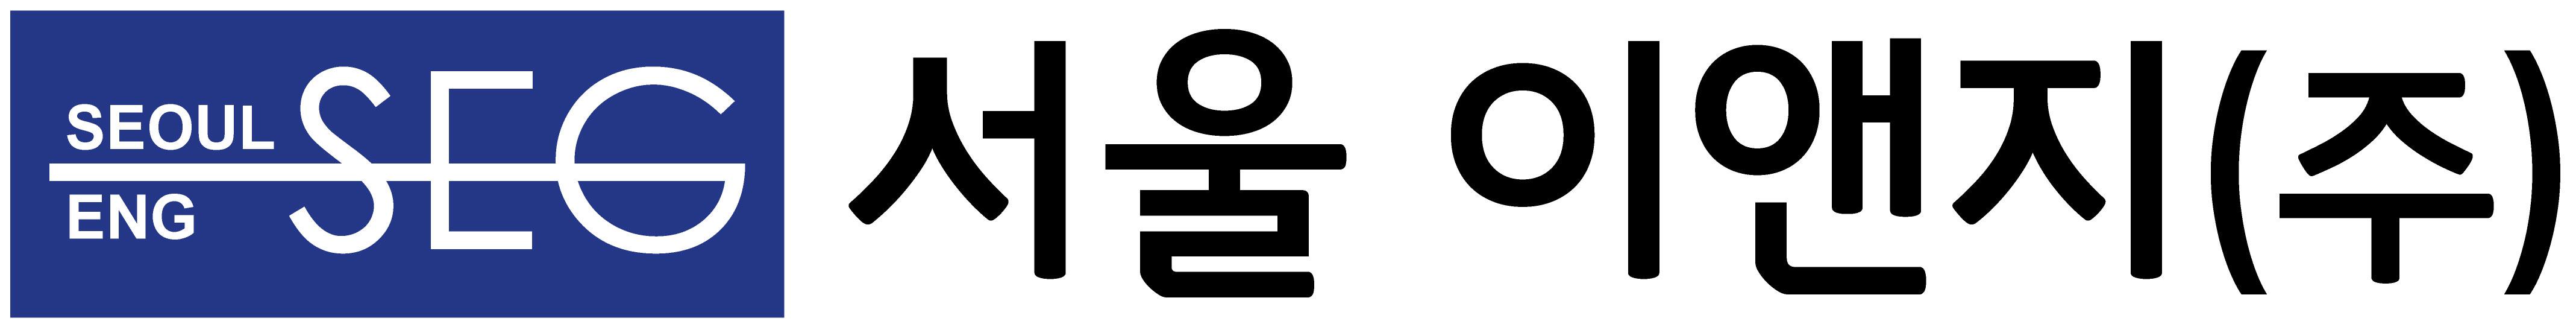 서울이앤지(주)의 기업로고